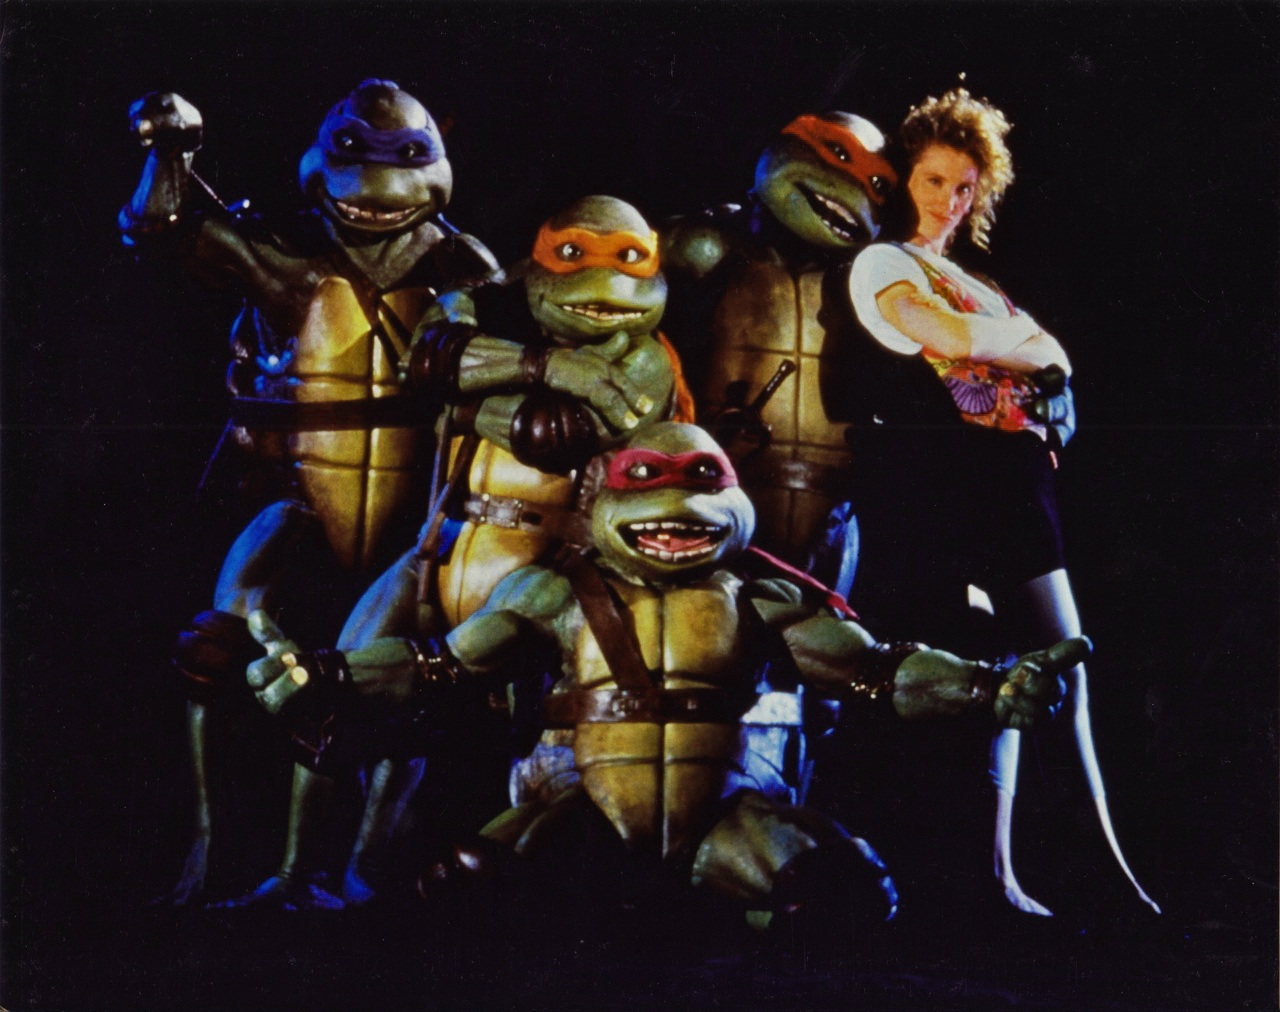 Teenage Mutant Ninja Turtles 1990 Photo Gallery Imdb